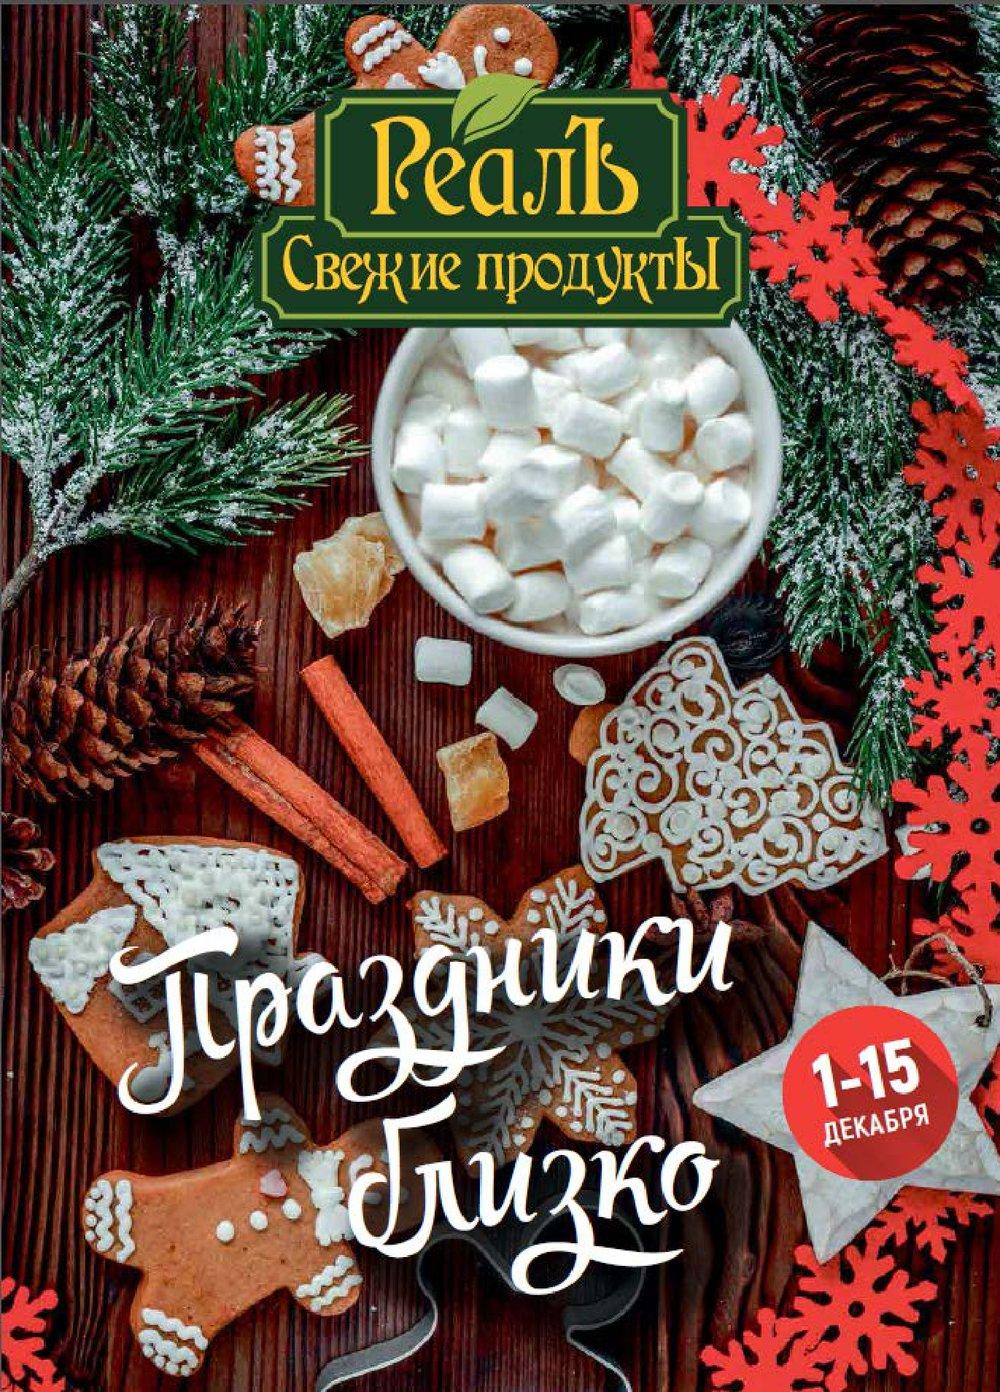 Каталог акций РеалЪ с 1 по 15 декабря 2017 - стр. 1